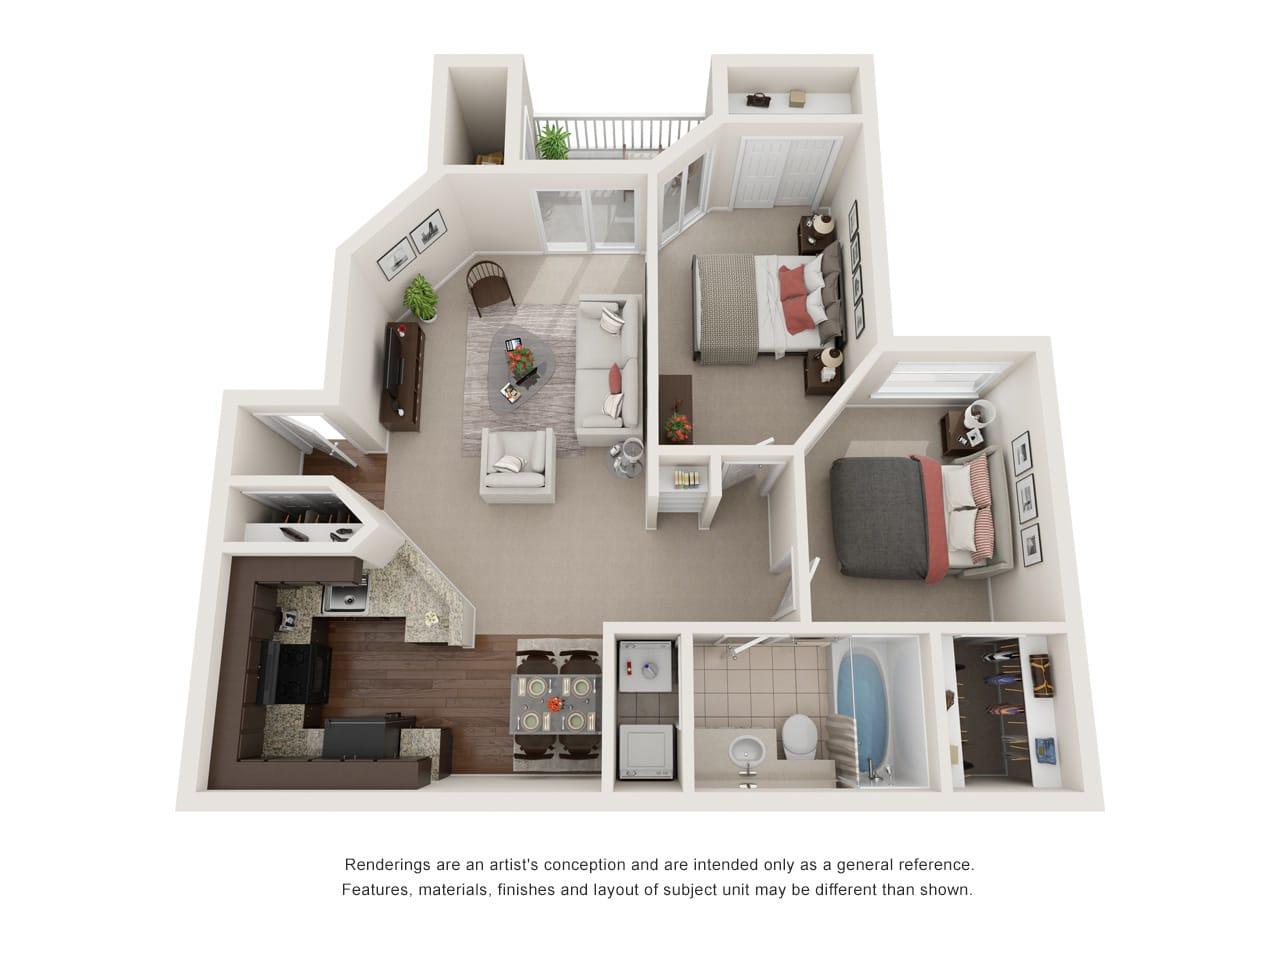 Floor Plans Of Edgewater At Sandy Springs Apartments In Sandy Springs Ga